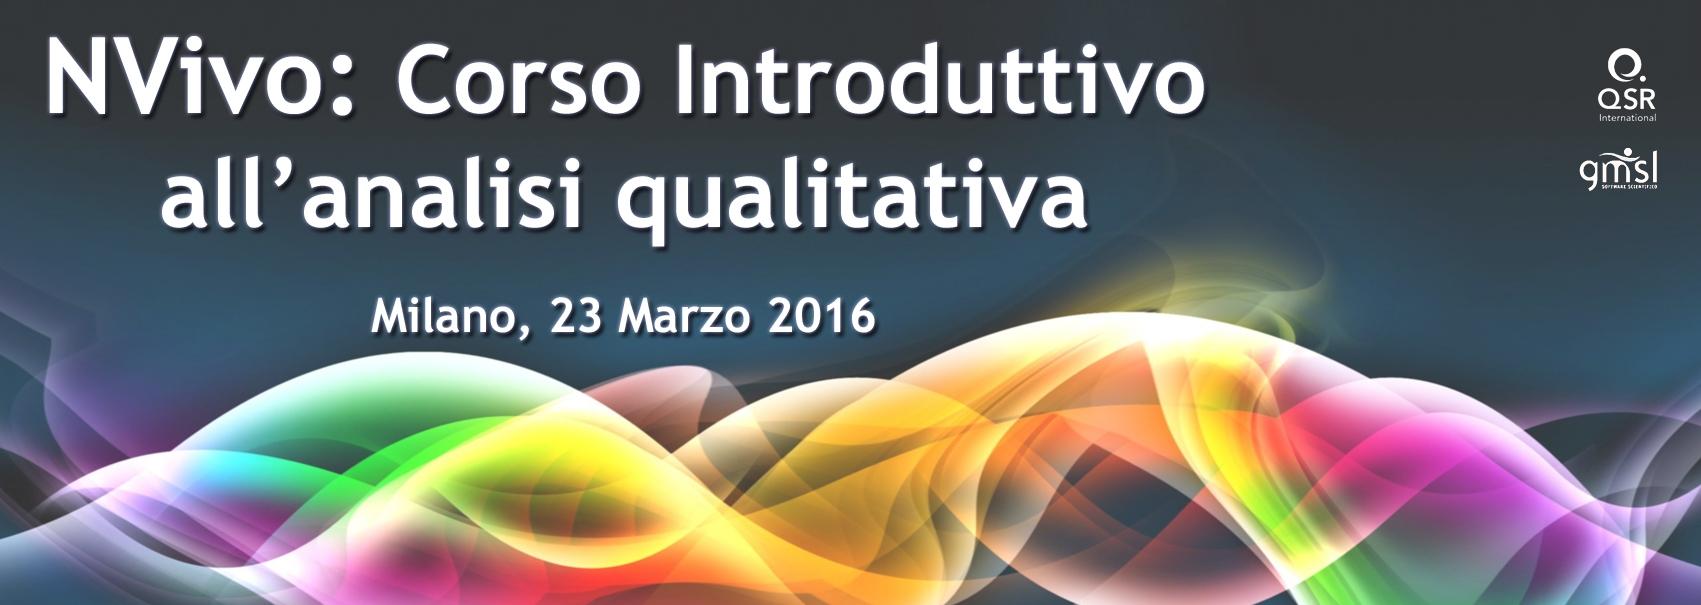 corso-NVivo_03_16psd-copia NVivo - Corso Introduttivo all'uso di NVivo per Analisi Qualitativa